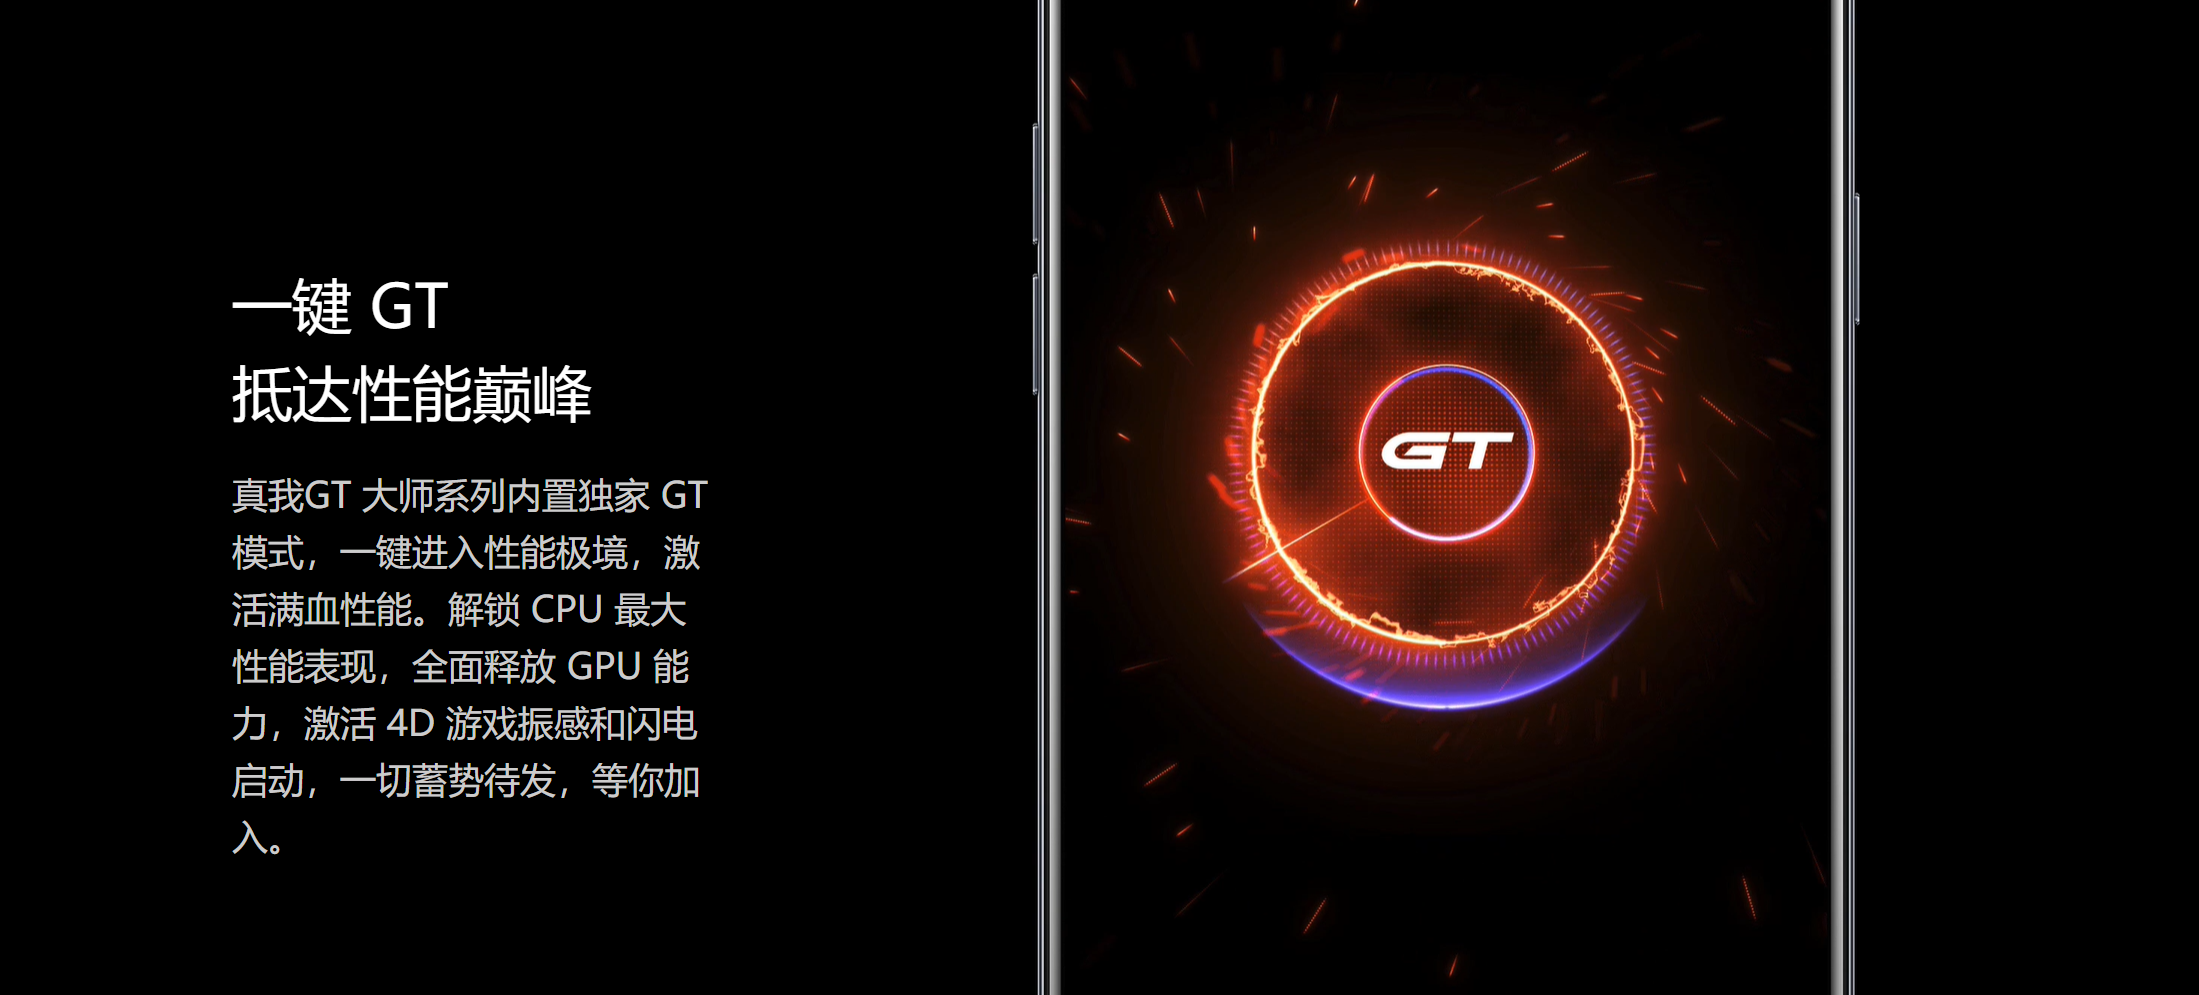 realme GT大师版发布:骁龙870+顶级设计 2799元起售